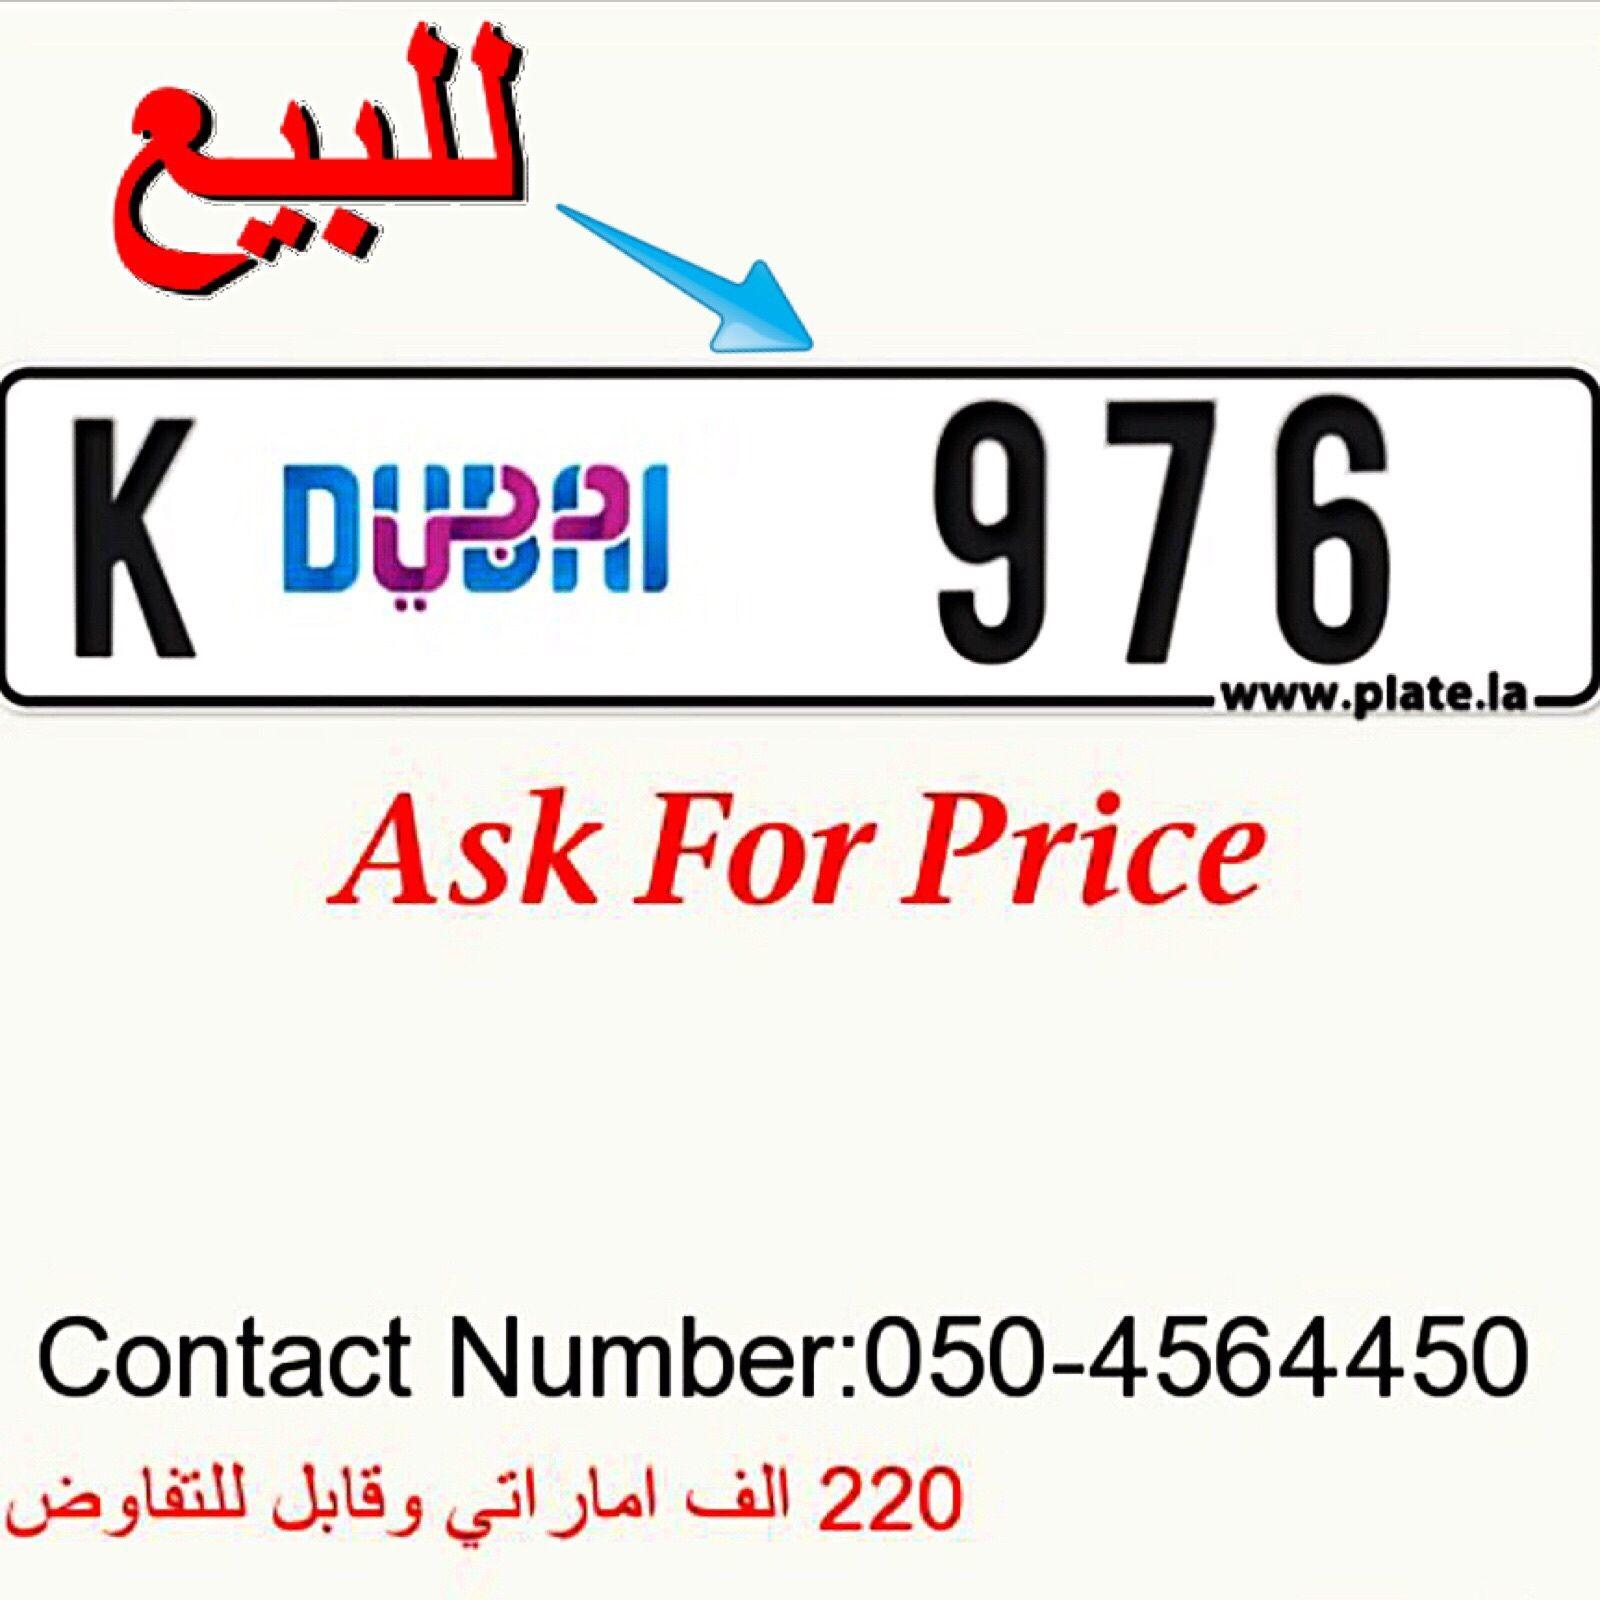 رقم مميز للبيع رقم لوحة سيارة اعلانvip رقم ارقام الواتساب Uae4cars2u متجر الاعلان برعاية Questfuj Novelty Sign Novelty Home Decor